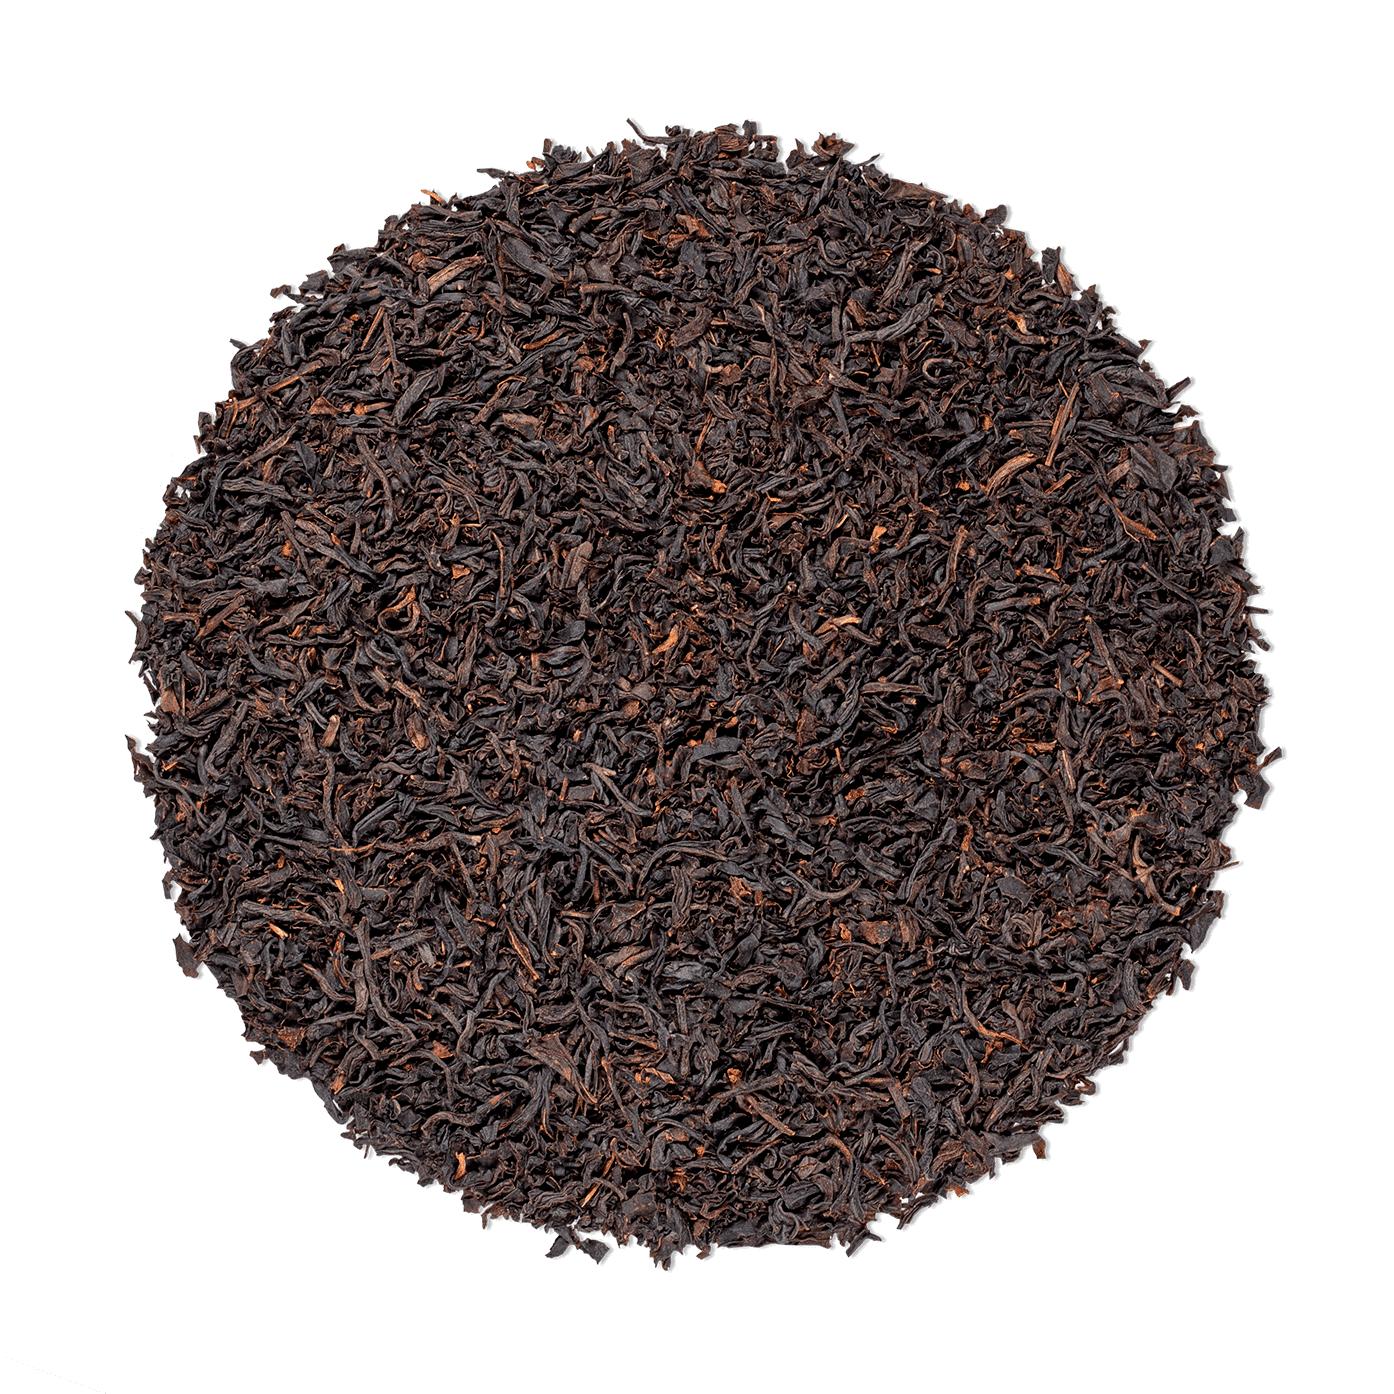 KUSMI TEA Quatre Fruits Rouges bio - Thé noir, fruits rouges - Thé en vrac - Kusmi Tea